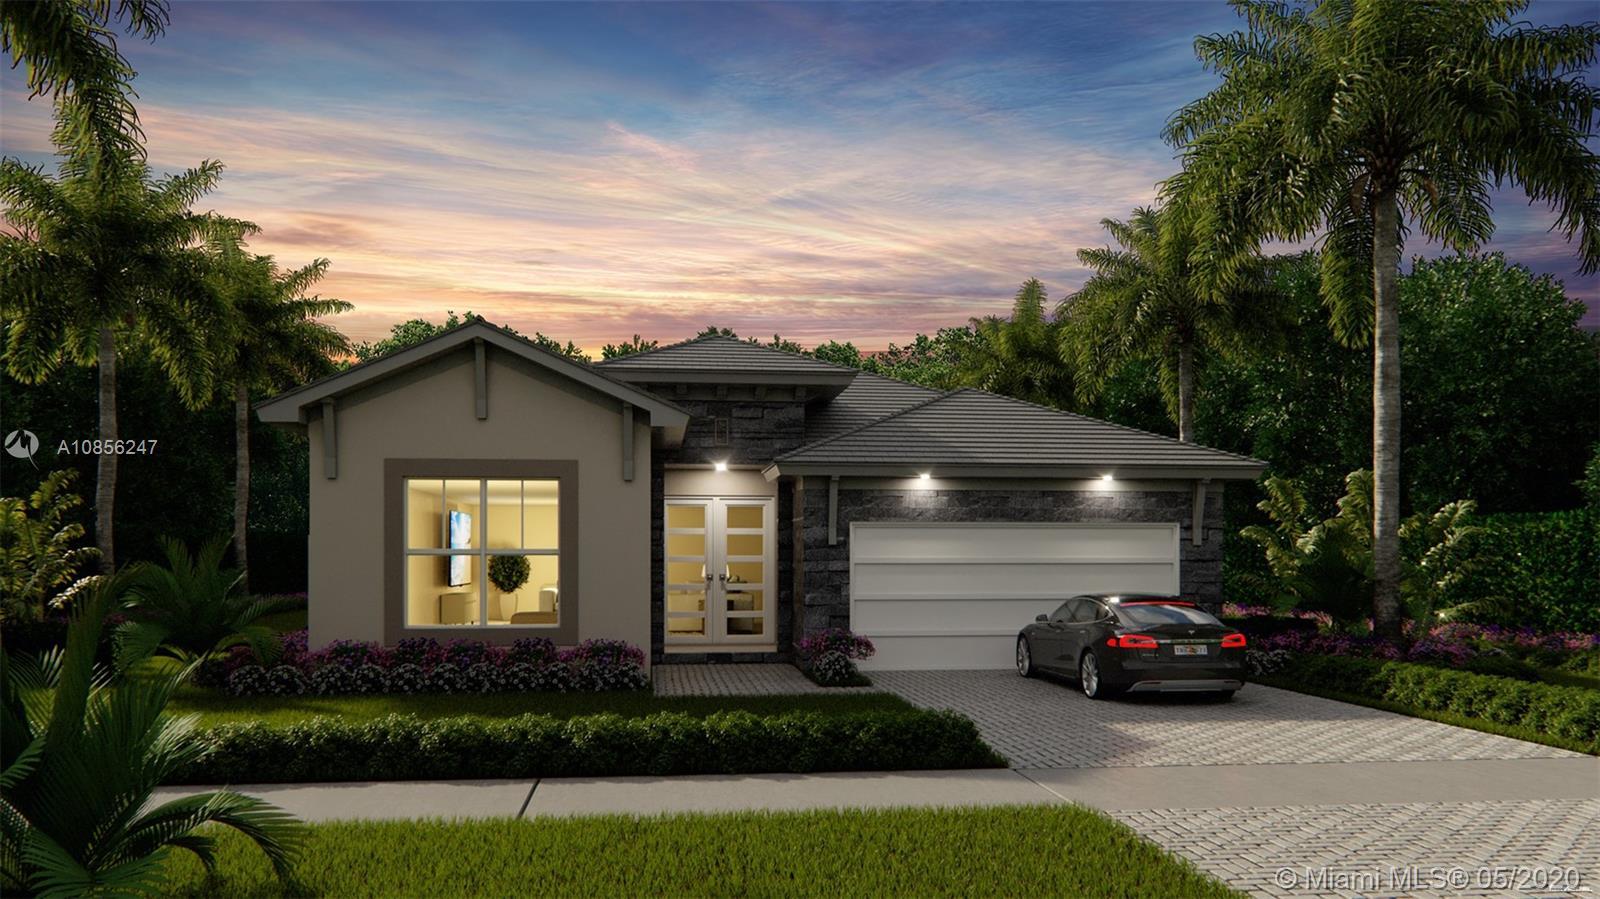 29125 SW 165 av, Homestead, FL 33030 - Homestead, FL real estate listing